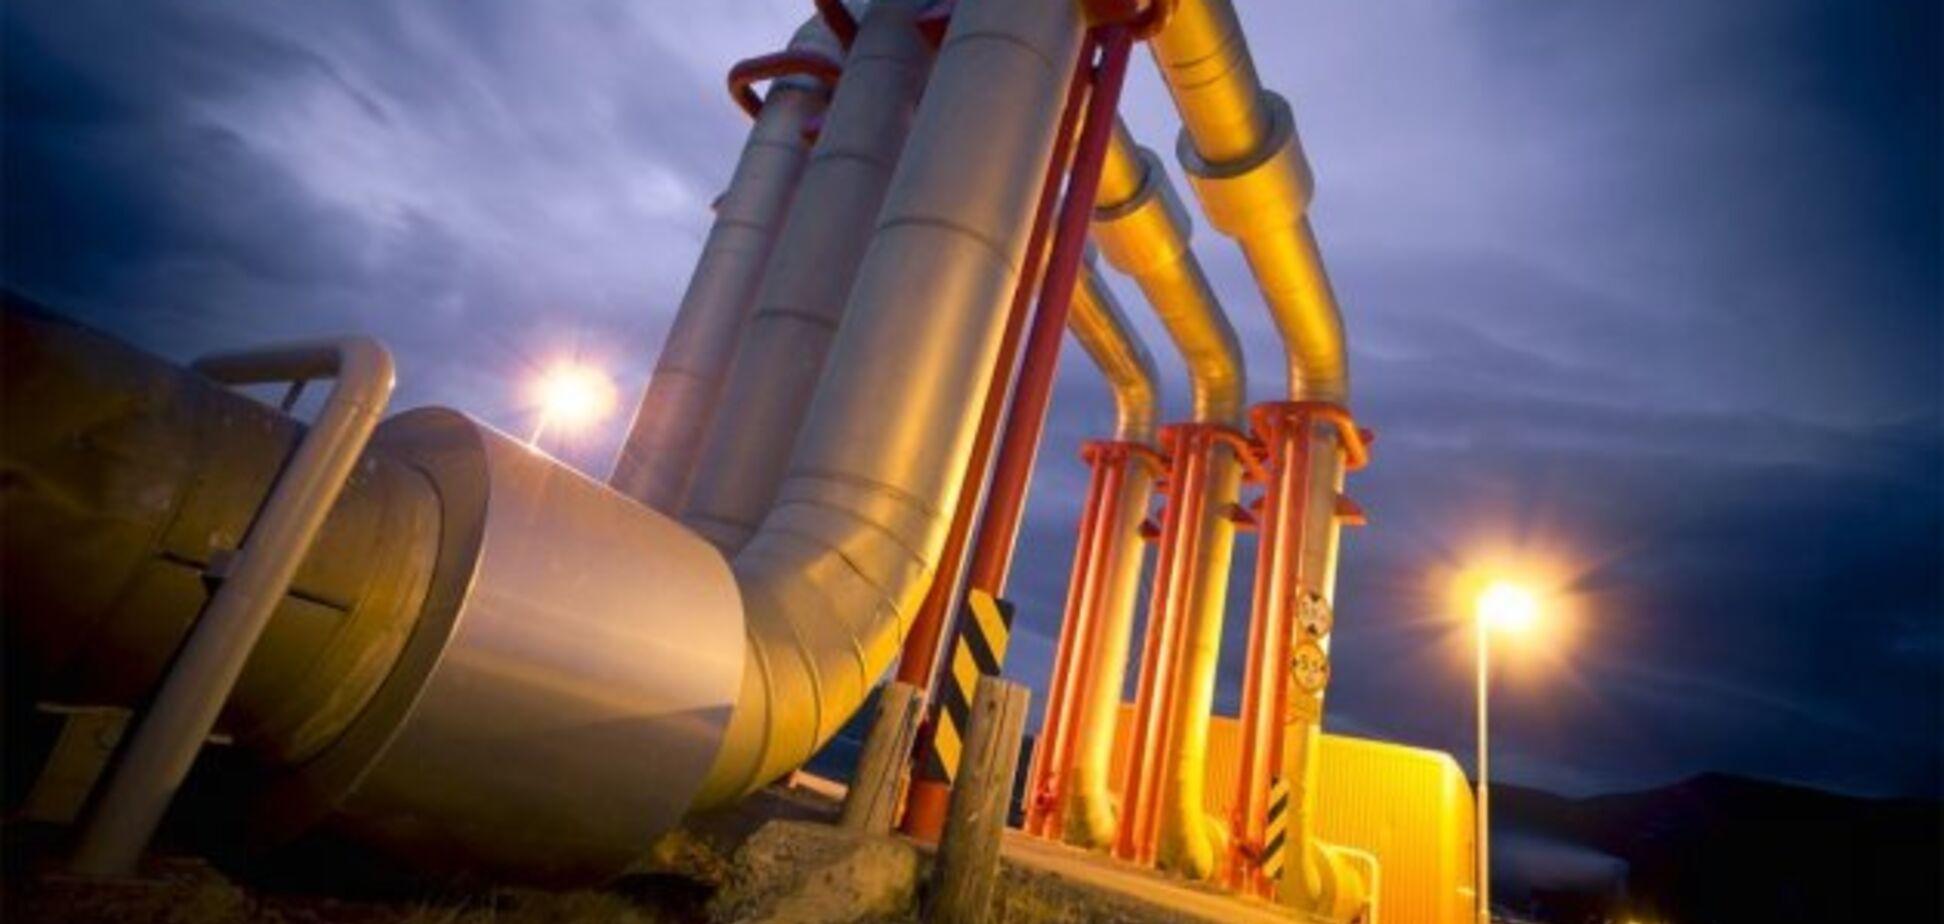 Східноєвропейський газовий хаб – один з елементів енергетичної безпеки України та ЄС